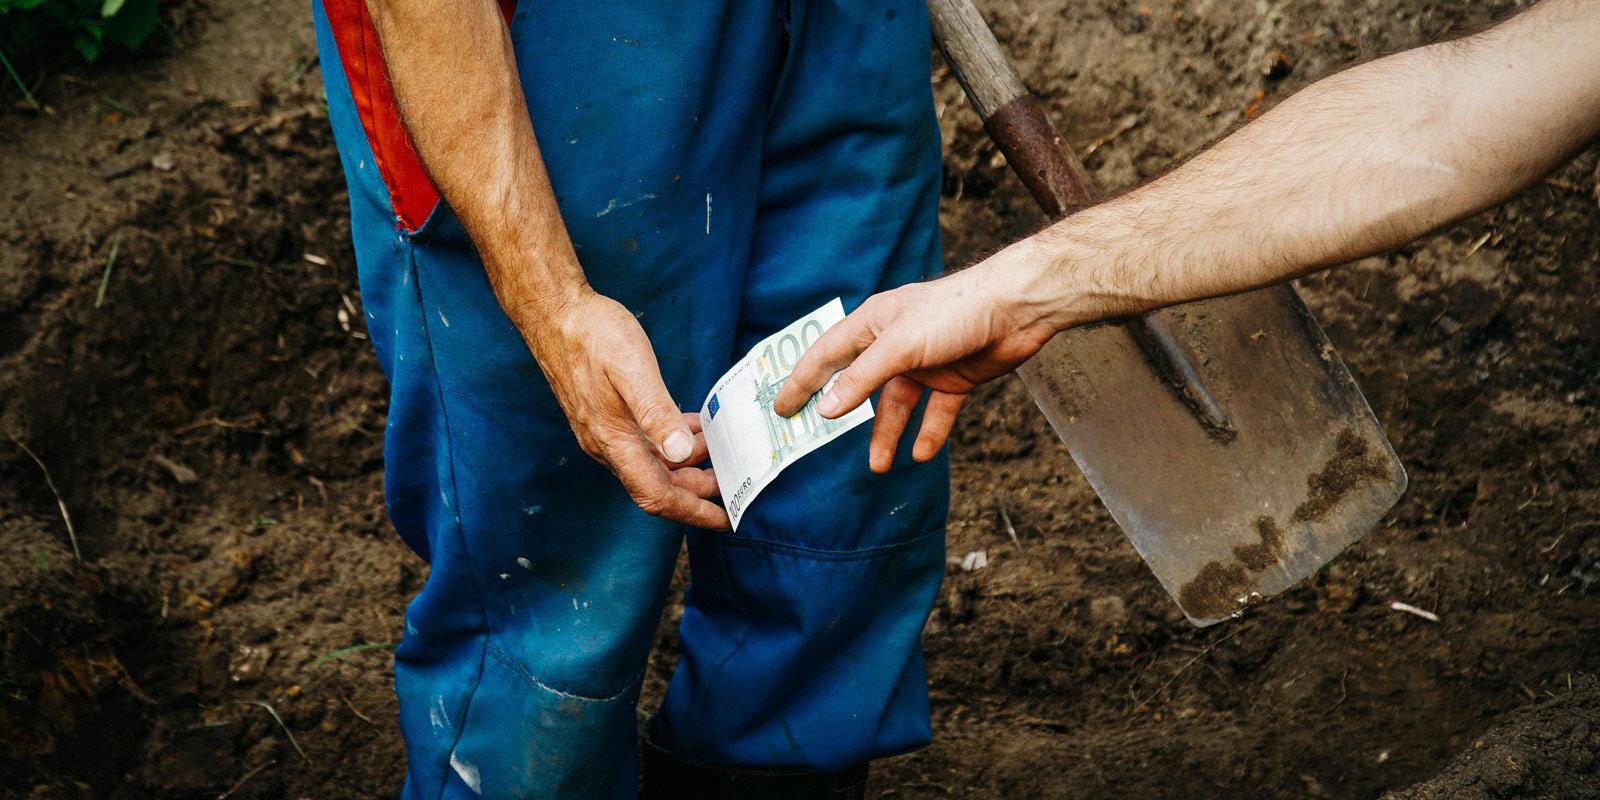 Вырыть могилу, отнести гроб, налоги — по желанию. Как устроена похоронная отрасль в Латвии